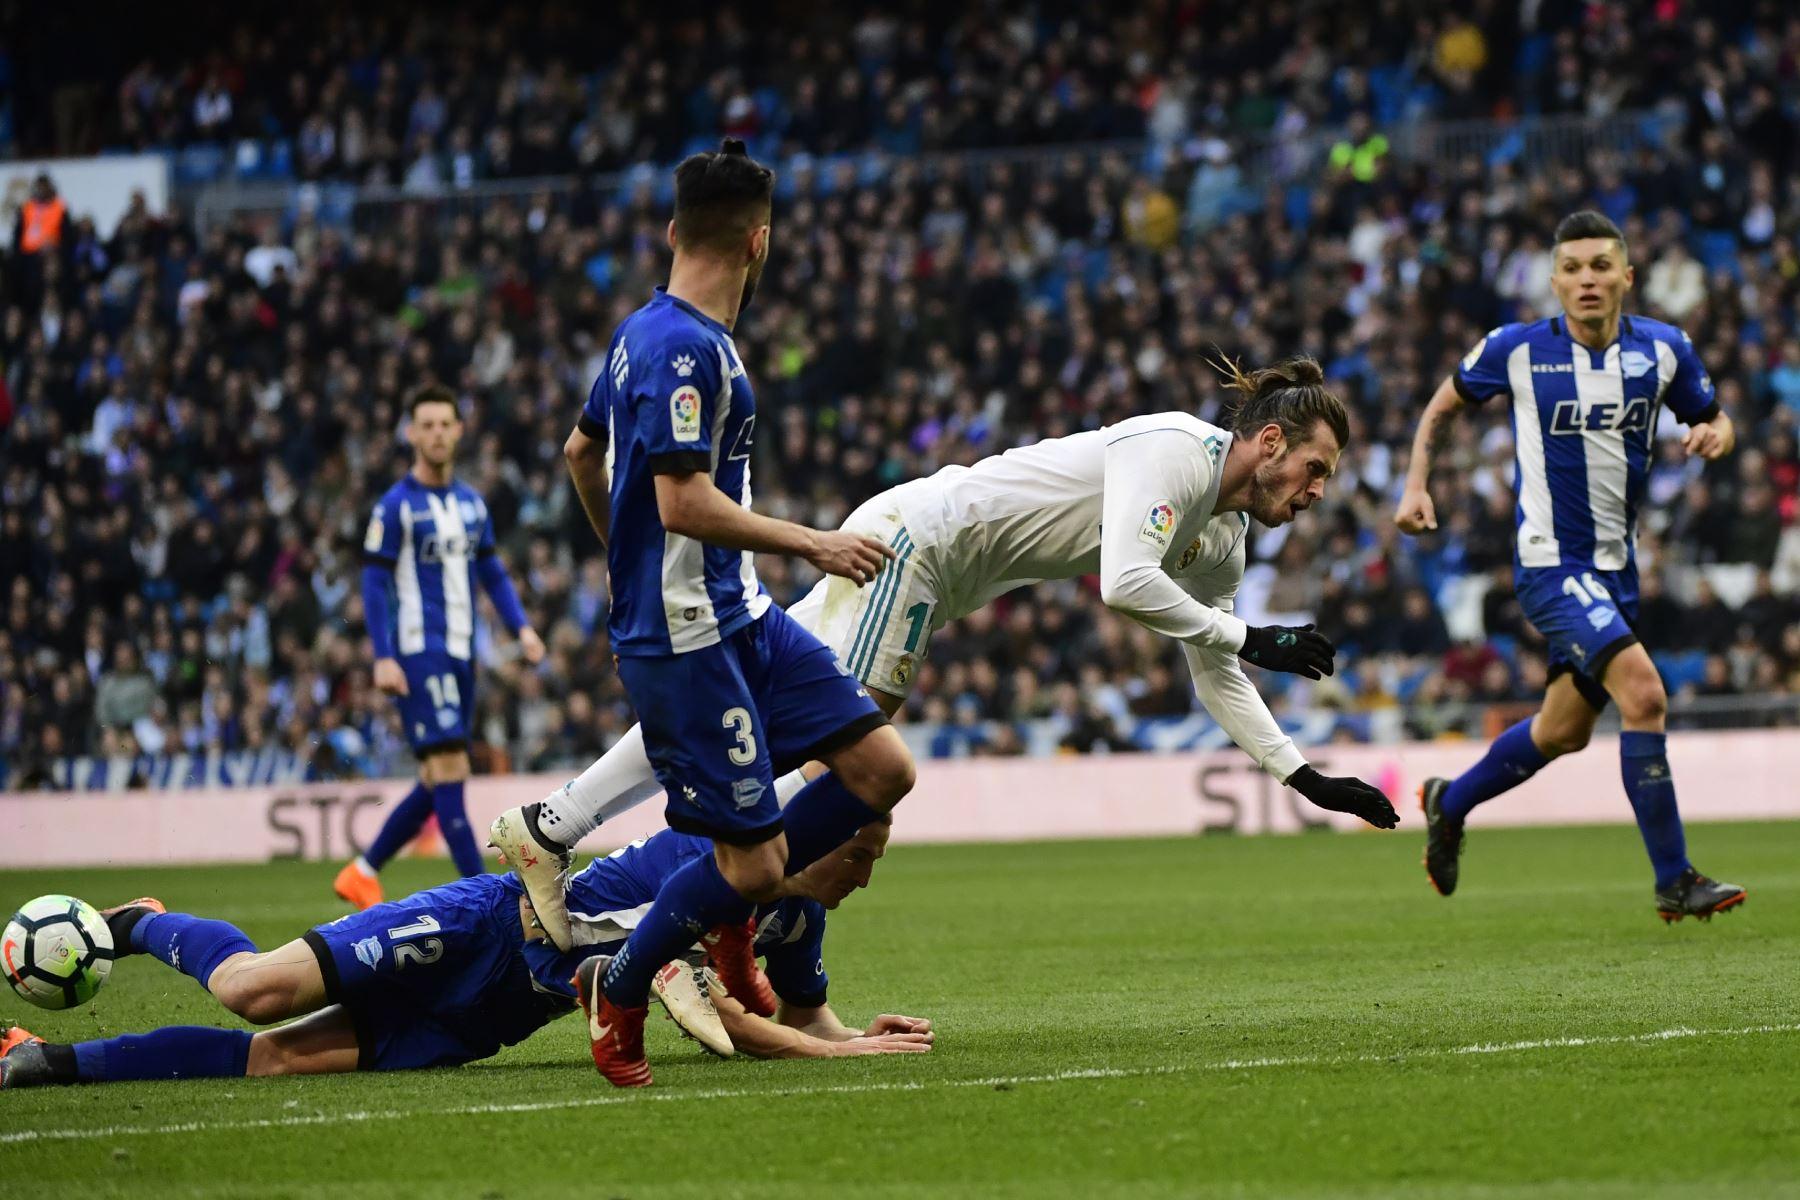 El delantero Gareth Bale compite con el defensor brasileño del Alavés Rodrigo Ely  y el defensor español del Alavés Rubén Duarte (C) entre el Real Madrid CF y el Deportivo Alavés en el estadio Santiago Bernabéu de Madrid.Foto:AFP